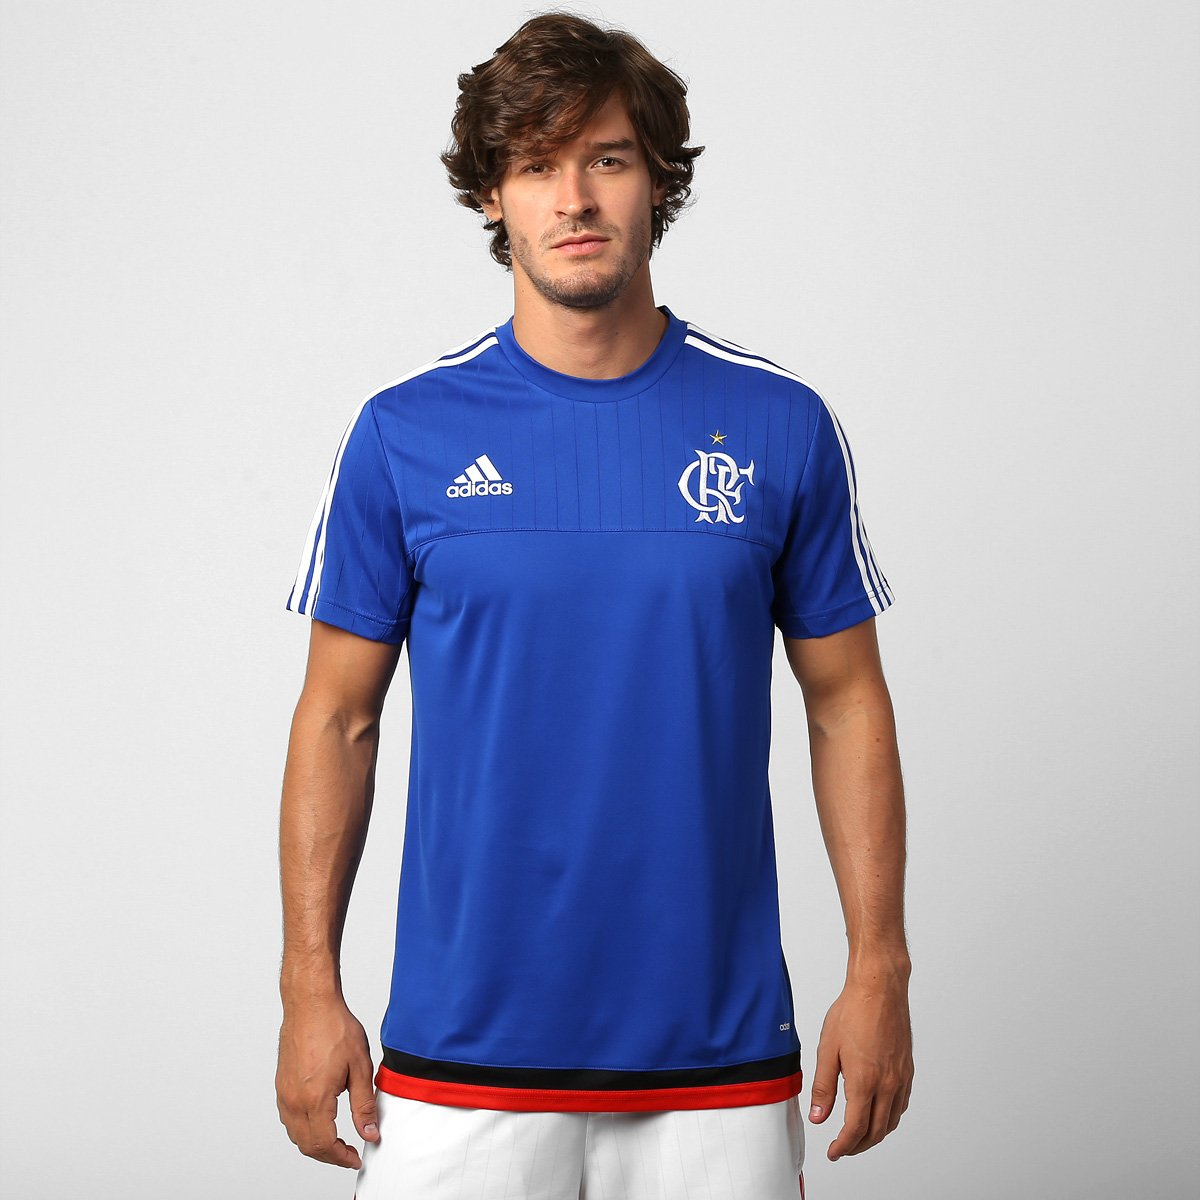 Camisa Adidas Flamengo Treino 2015 - Compre Agora  4871e2cf09f